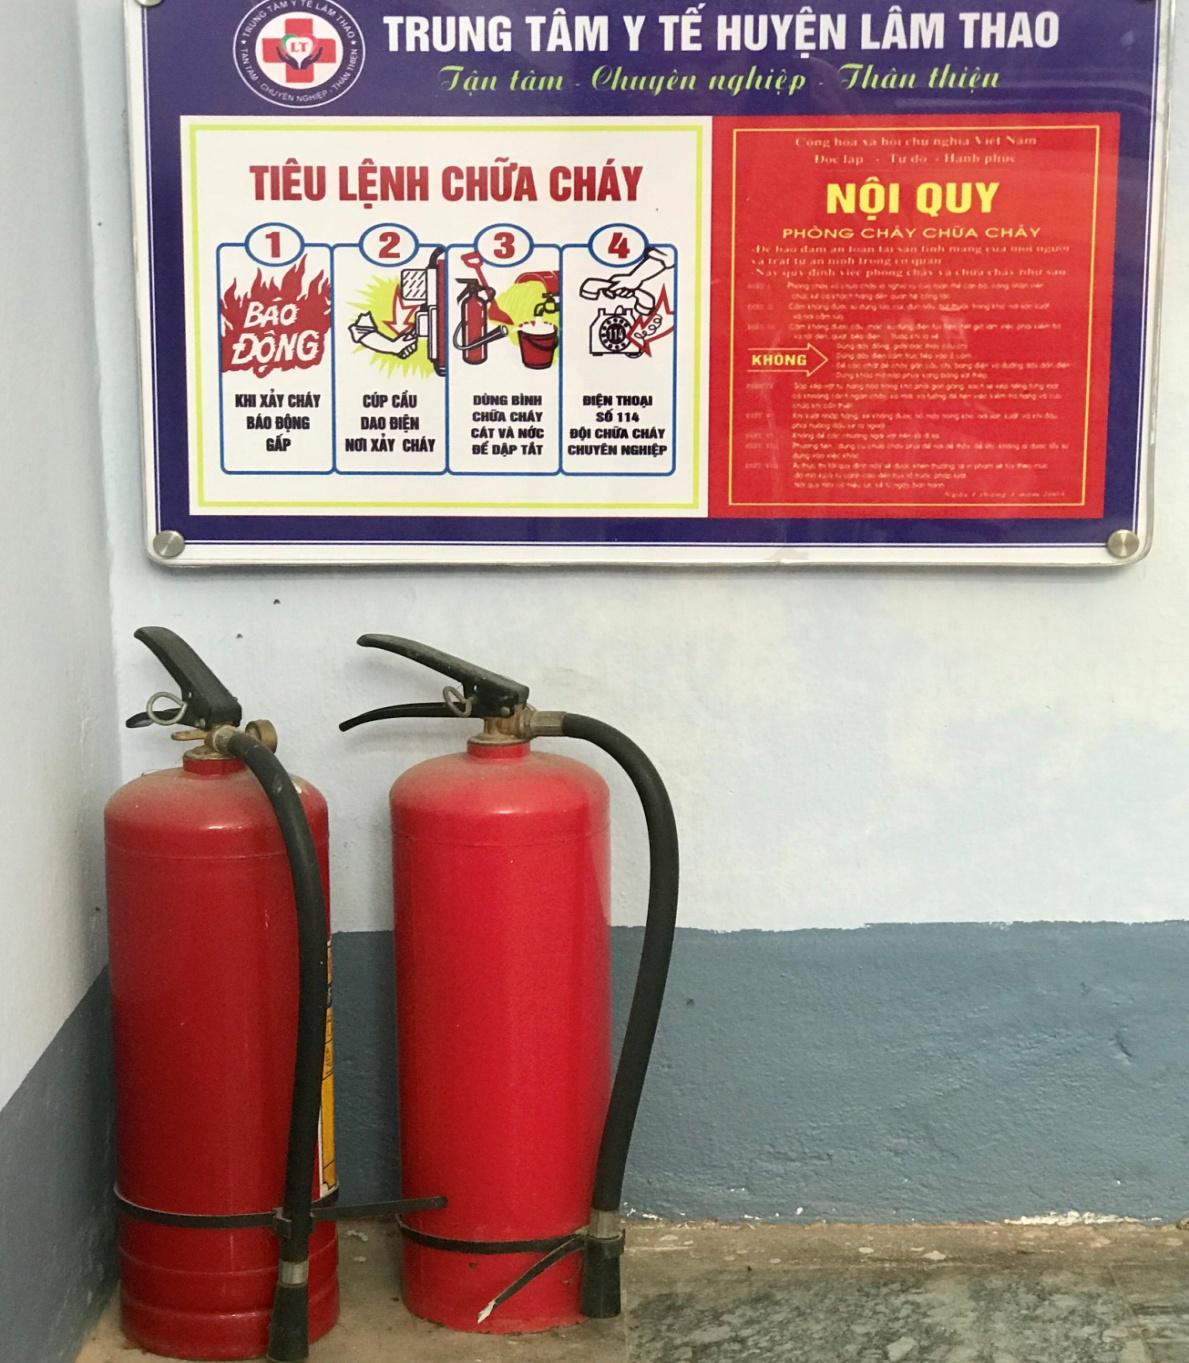 Trung tâm Y tế huyện Lâm Thao: Tạo sự chuyển biến mạnh mẽ trong phổ biến kiến thức pháp luật về phòng cháy, chữa cháy - Ảnh 3